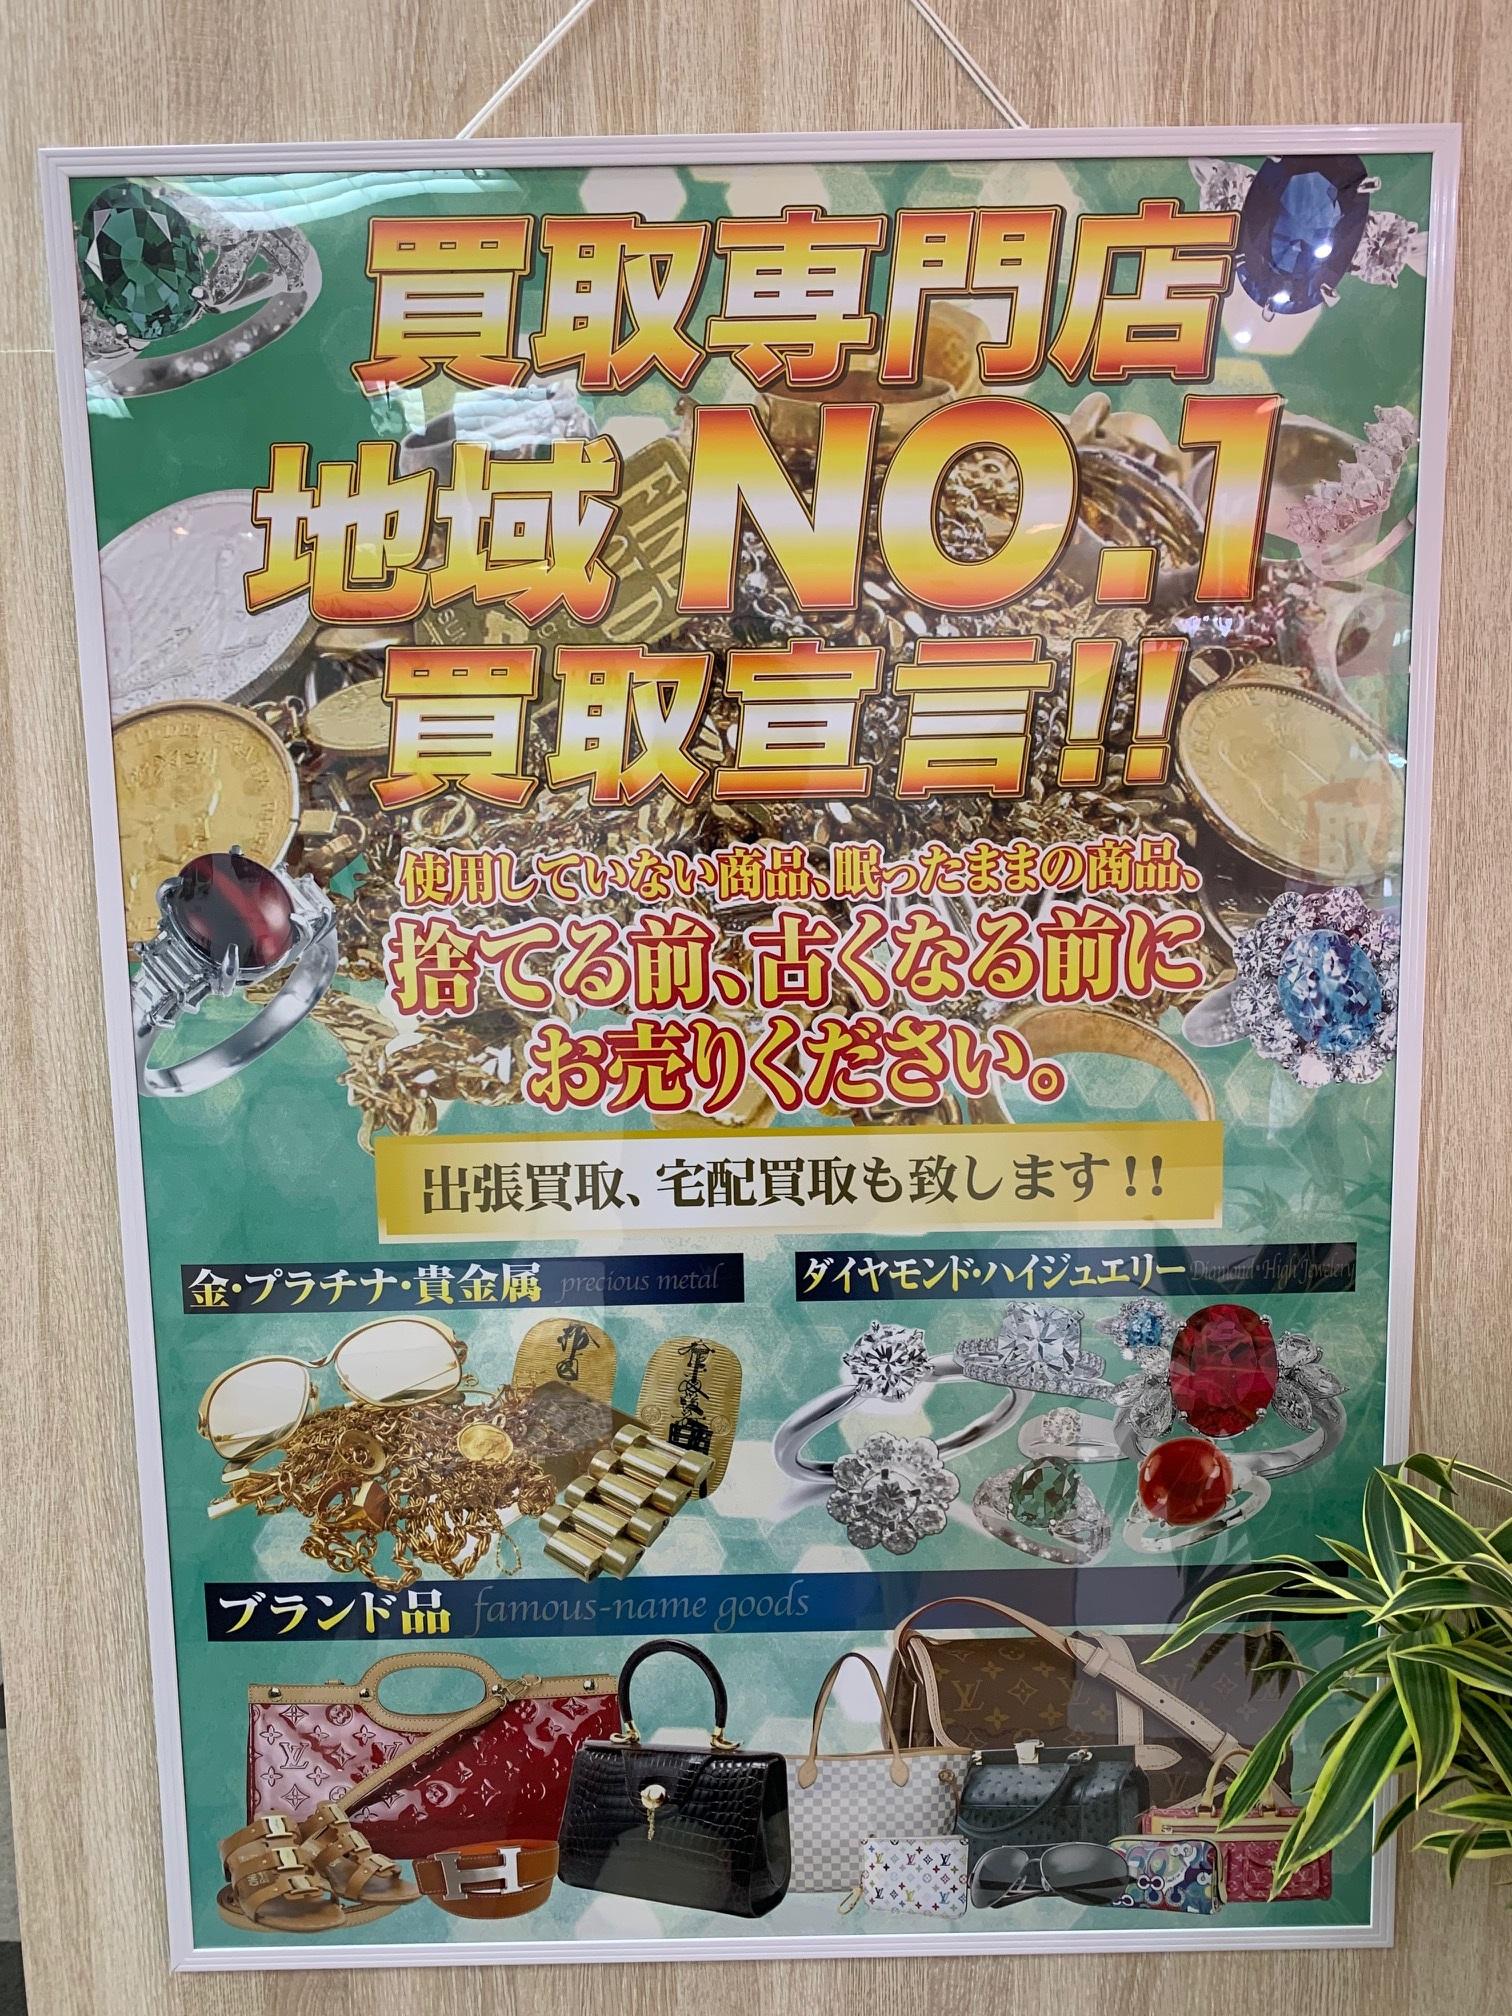 買取わかばイオン藤沢湘南ライフタウン店ボロボロのブランド品・貴金属・切手・古銭など、なんでも買取させて頂きます!